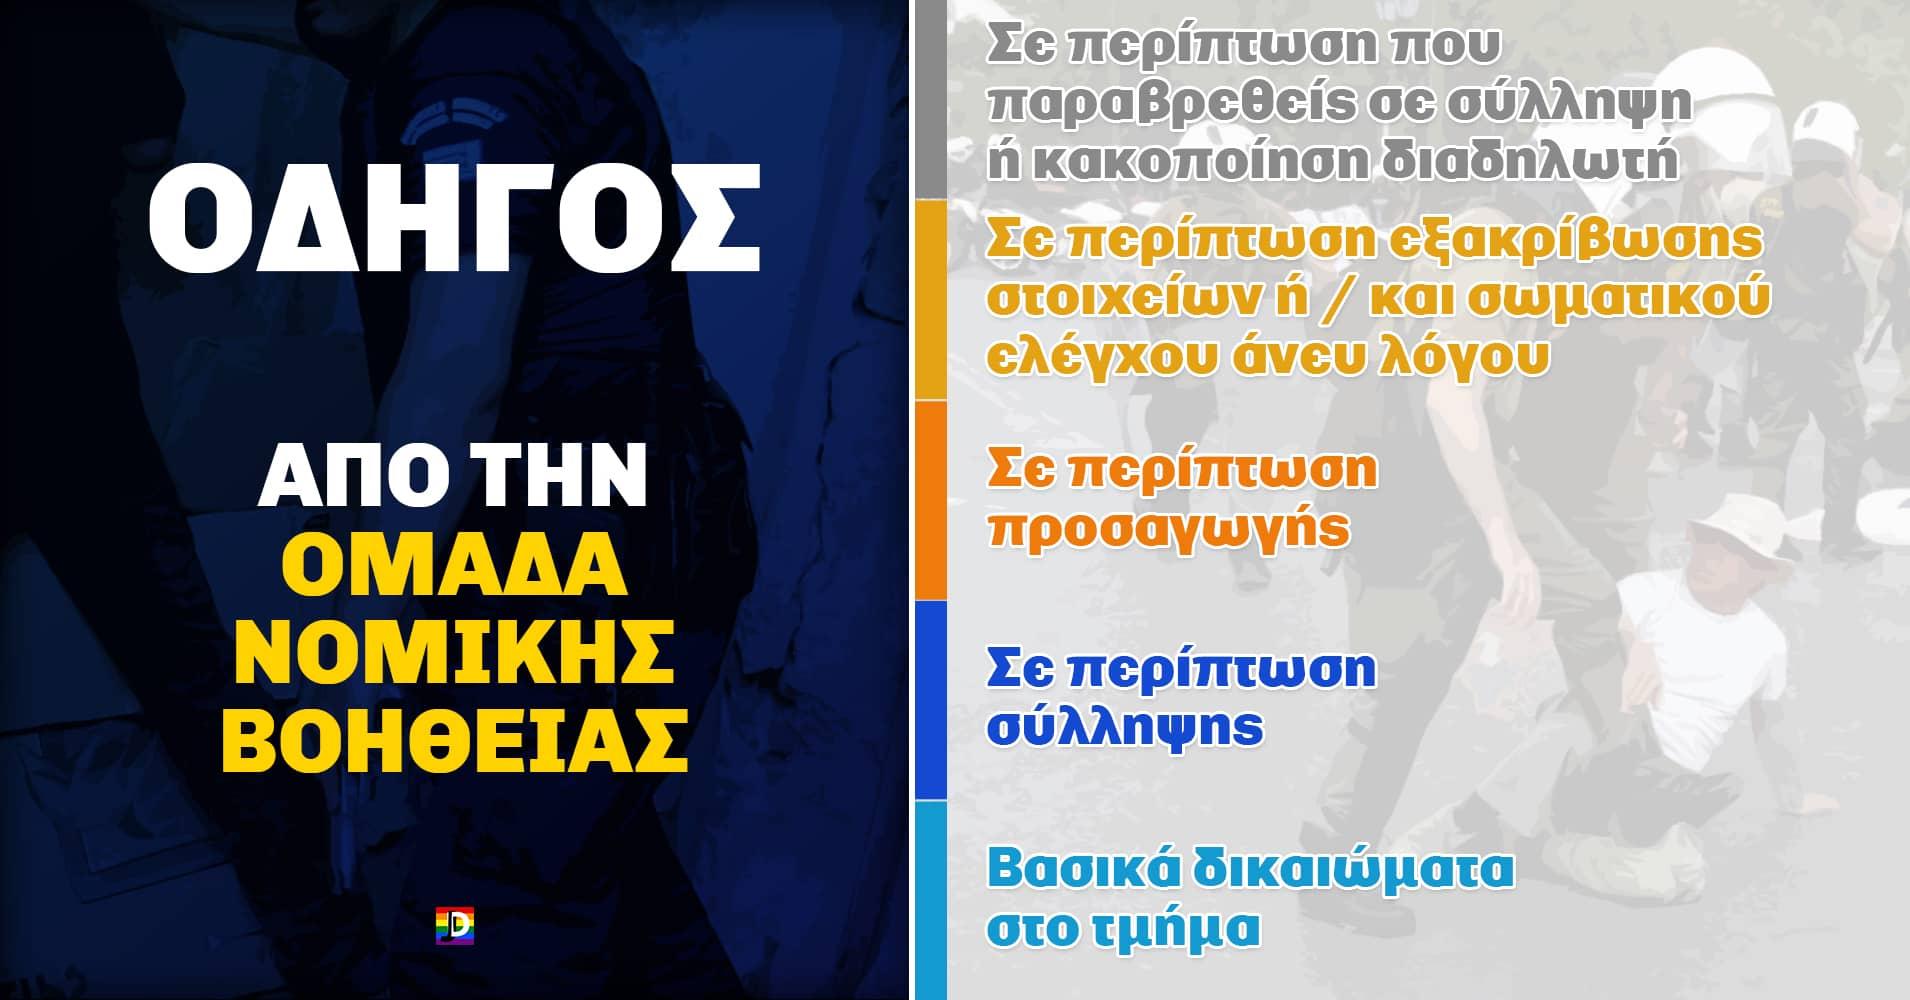 Μάθε τα δικαιώματά σου - Οδηγός κατά της Αστυνομικής βίας σε περίπτωση ελέγχου, προσαγωγής και σύλληψης